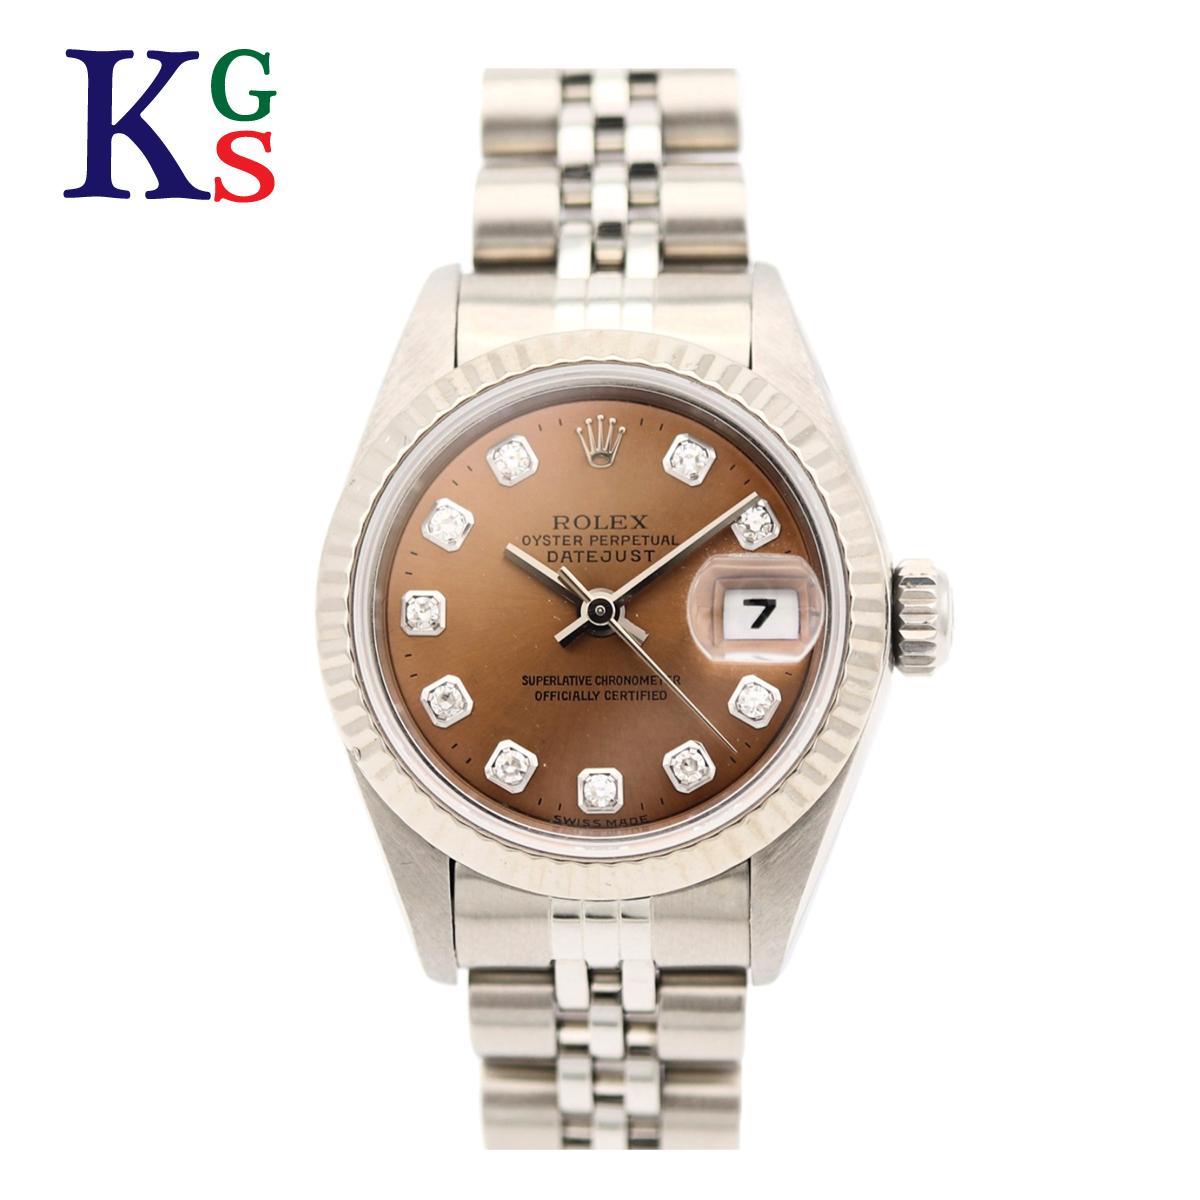 【ギフト品質】ロレックス/ROLEX レディース 腕時計 デイトジャスト シルバーxホワイトゴールド コンビ 新10Pダイヤモンド ステンレススチールxK18WG 69174G